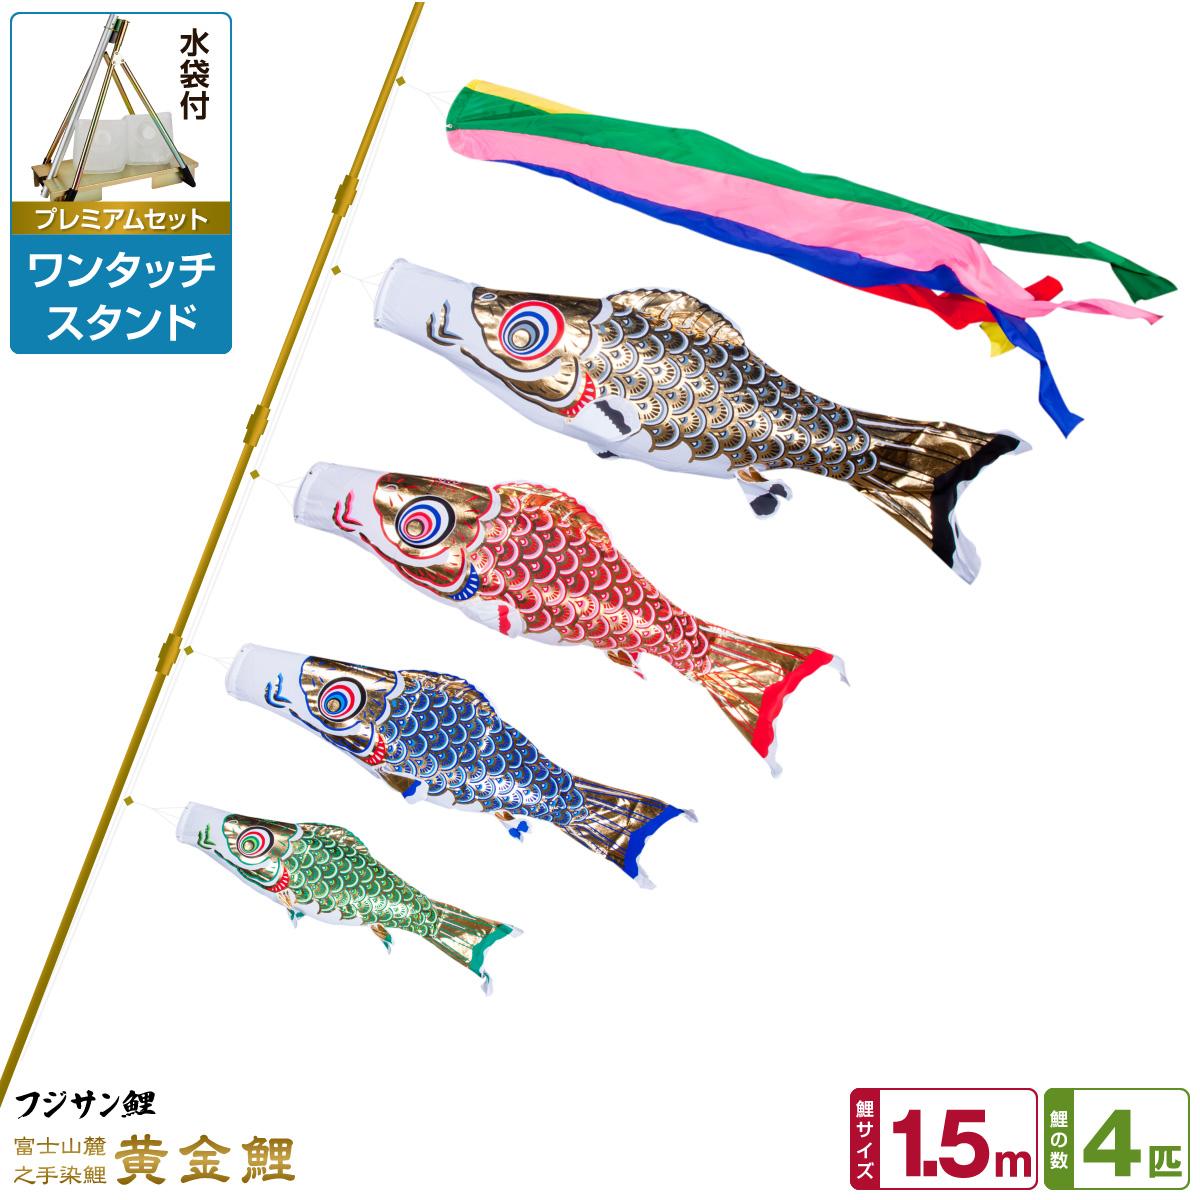 ベランダ用 こいのぼり 鯉のぼり フジサン鯉 黄金鯉 1.5m 7点(吹流し+鯉4匹+矢車+ロープ)/プレミアムセット(ワンタッチスタンド)